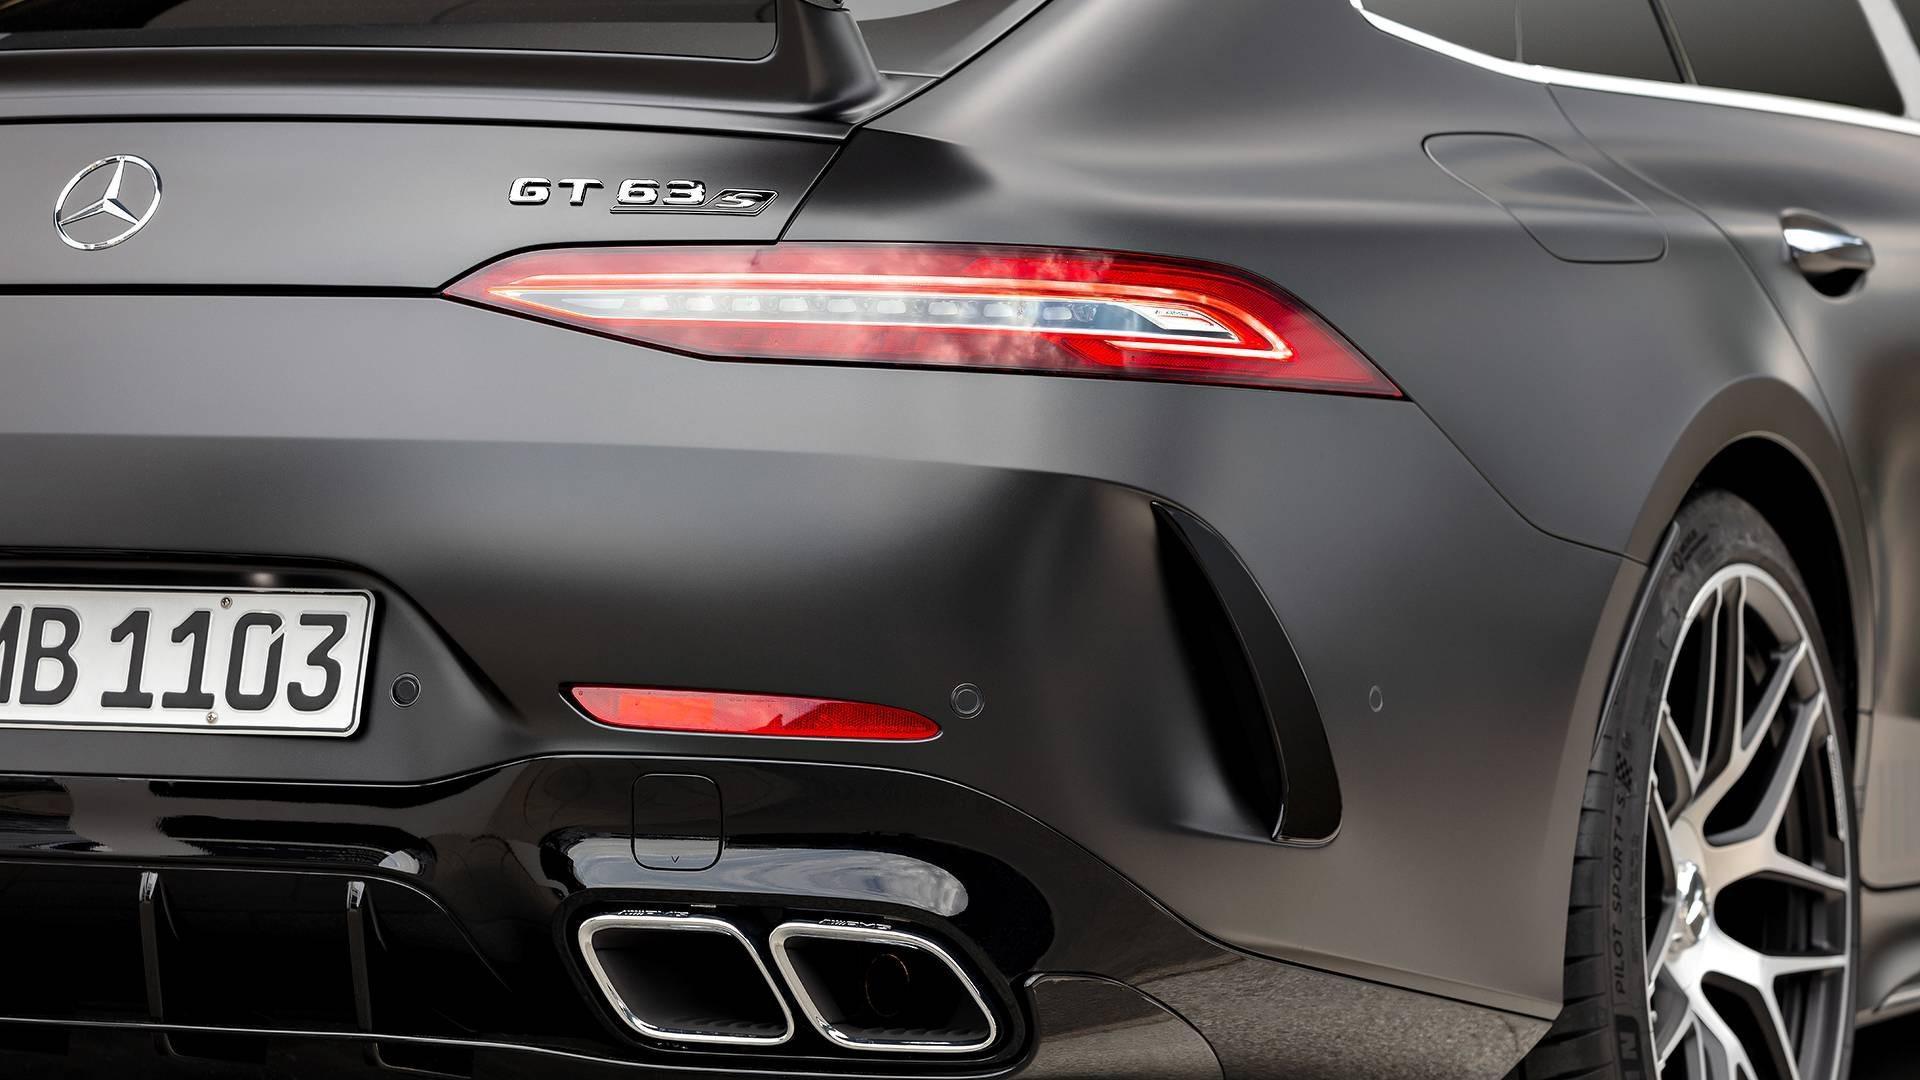 Une version très exclusive: Mercedes-AMG GT 63 S Coupé Edition 1